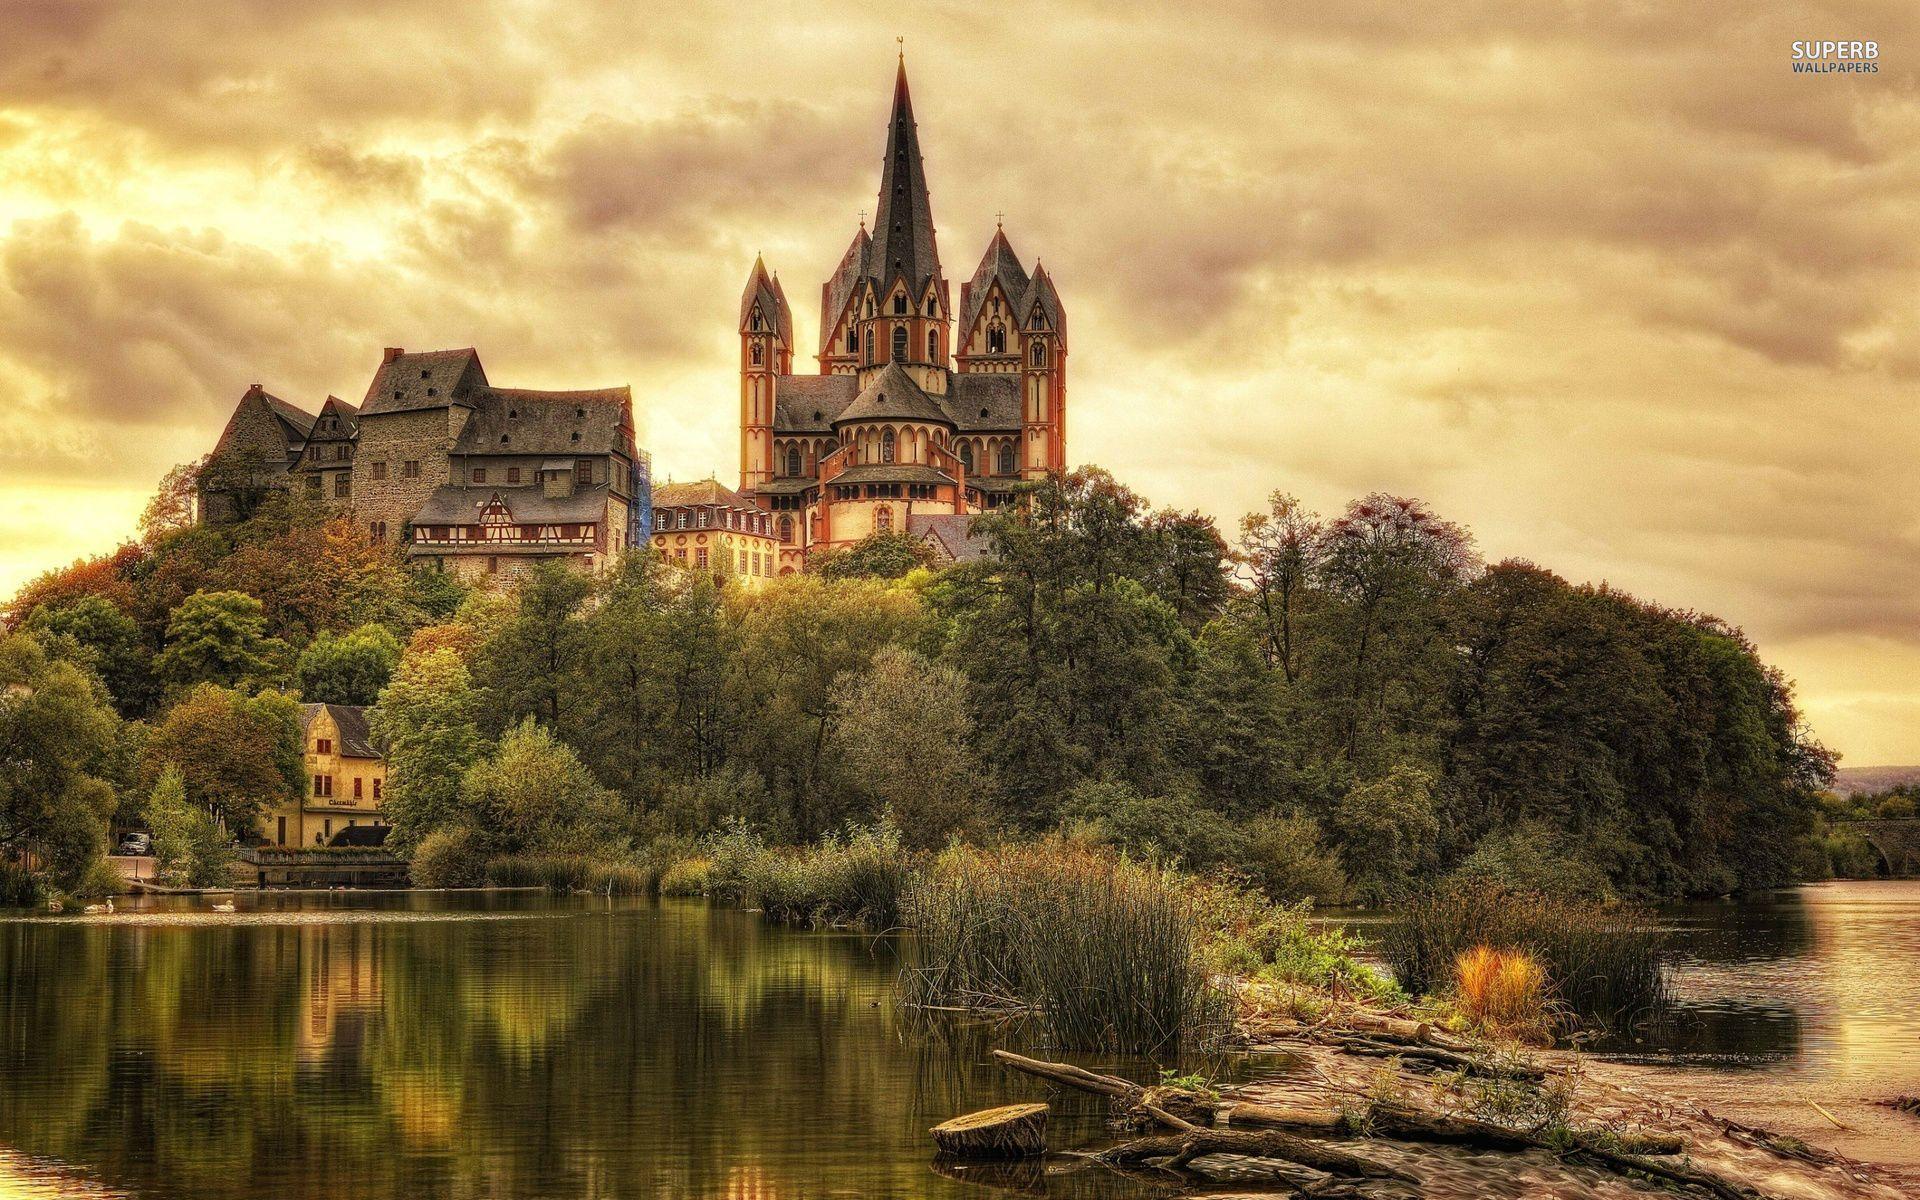 Burg Hohenzollern Deutschland Hintergrundbilder Urlaubsorte Landschaftsfotografie Schone Gebaude